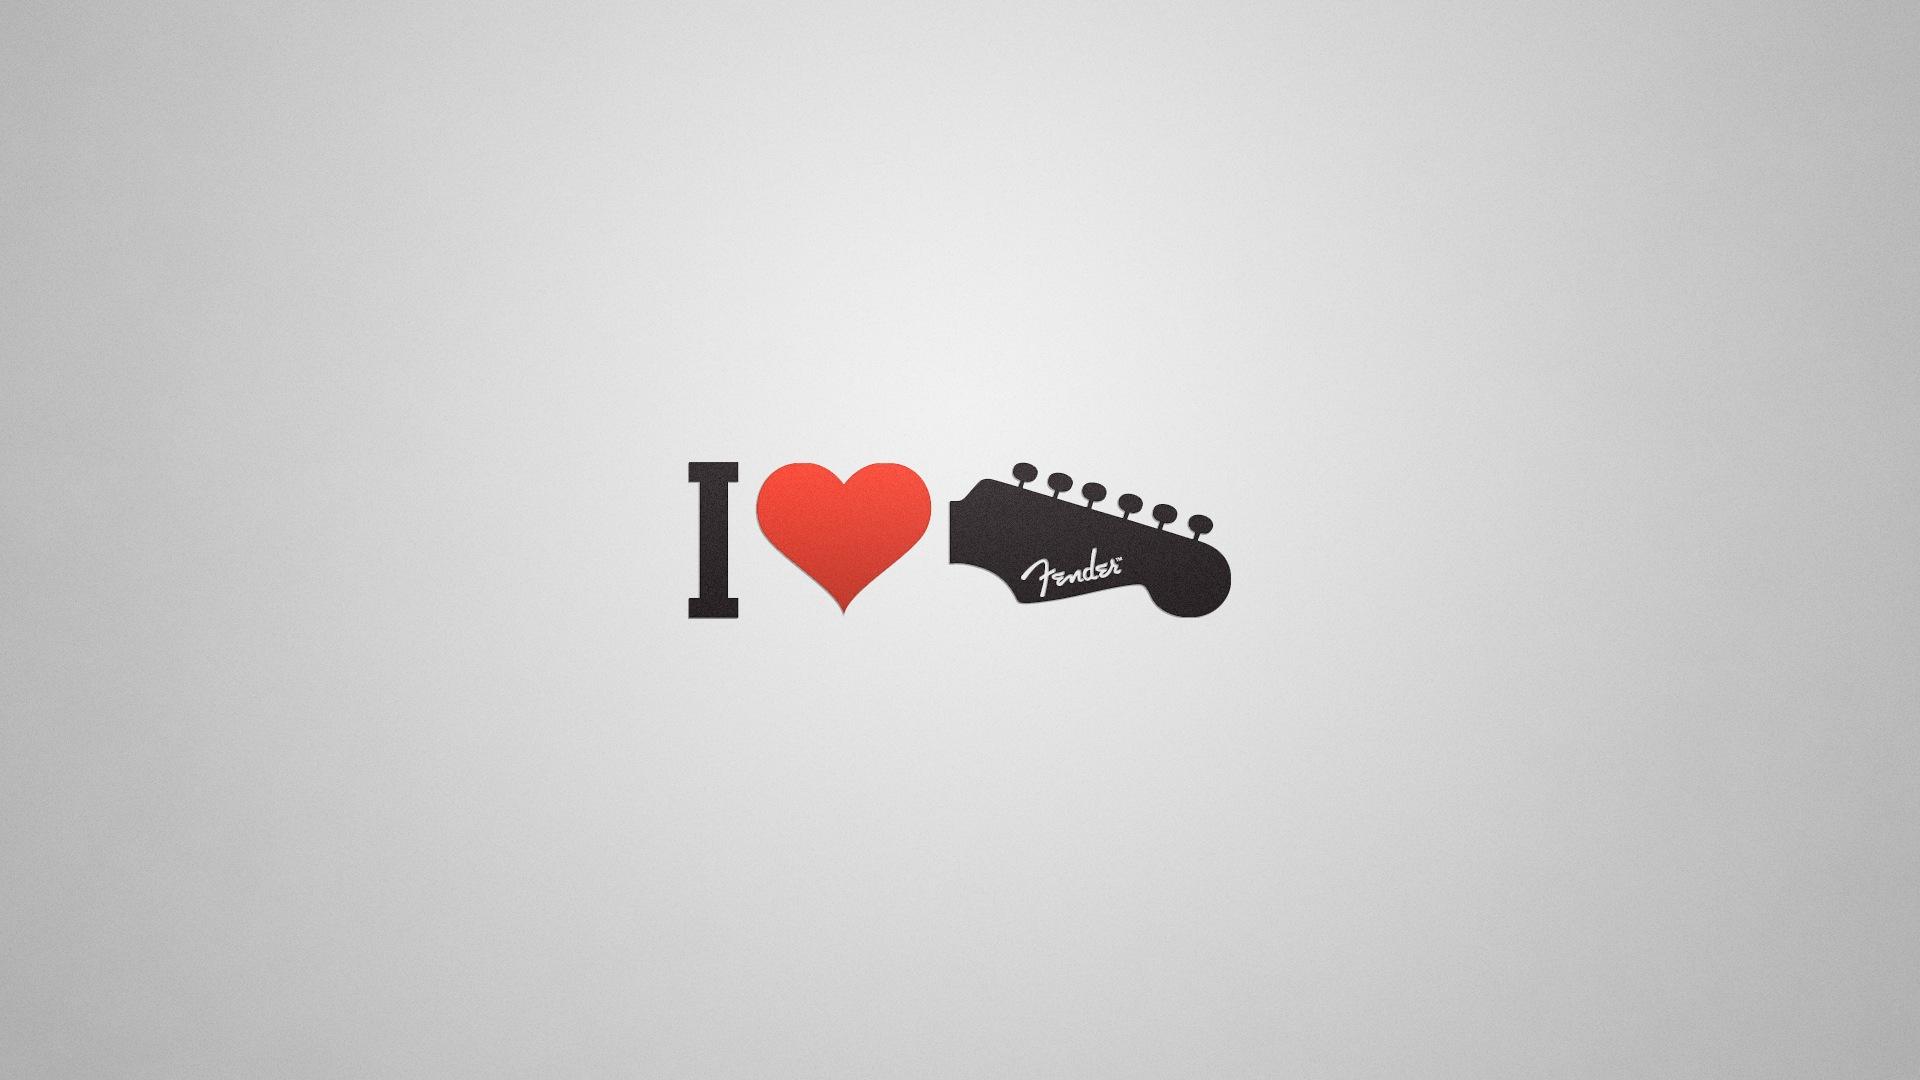 Sfondi Bianca Illustrazione Amore Rosso Chitarra Testo Logo